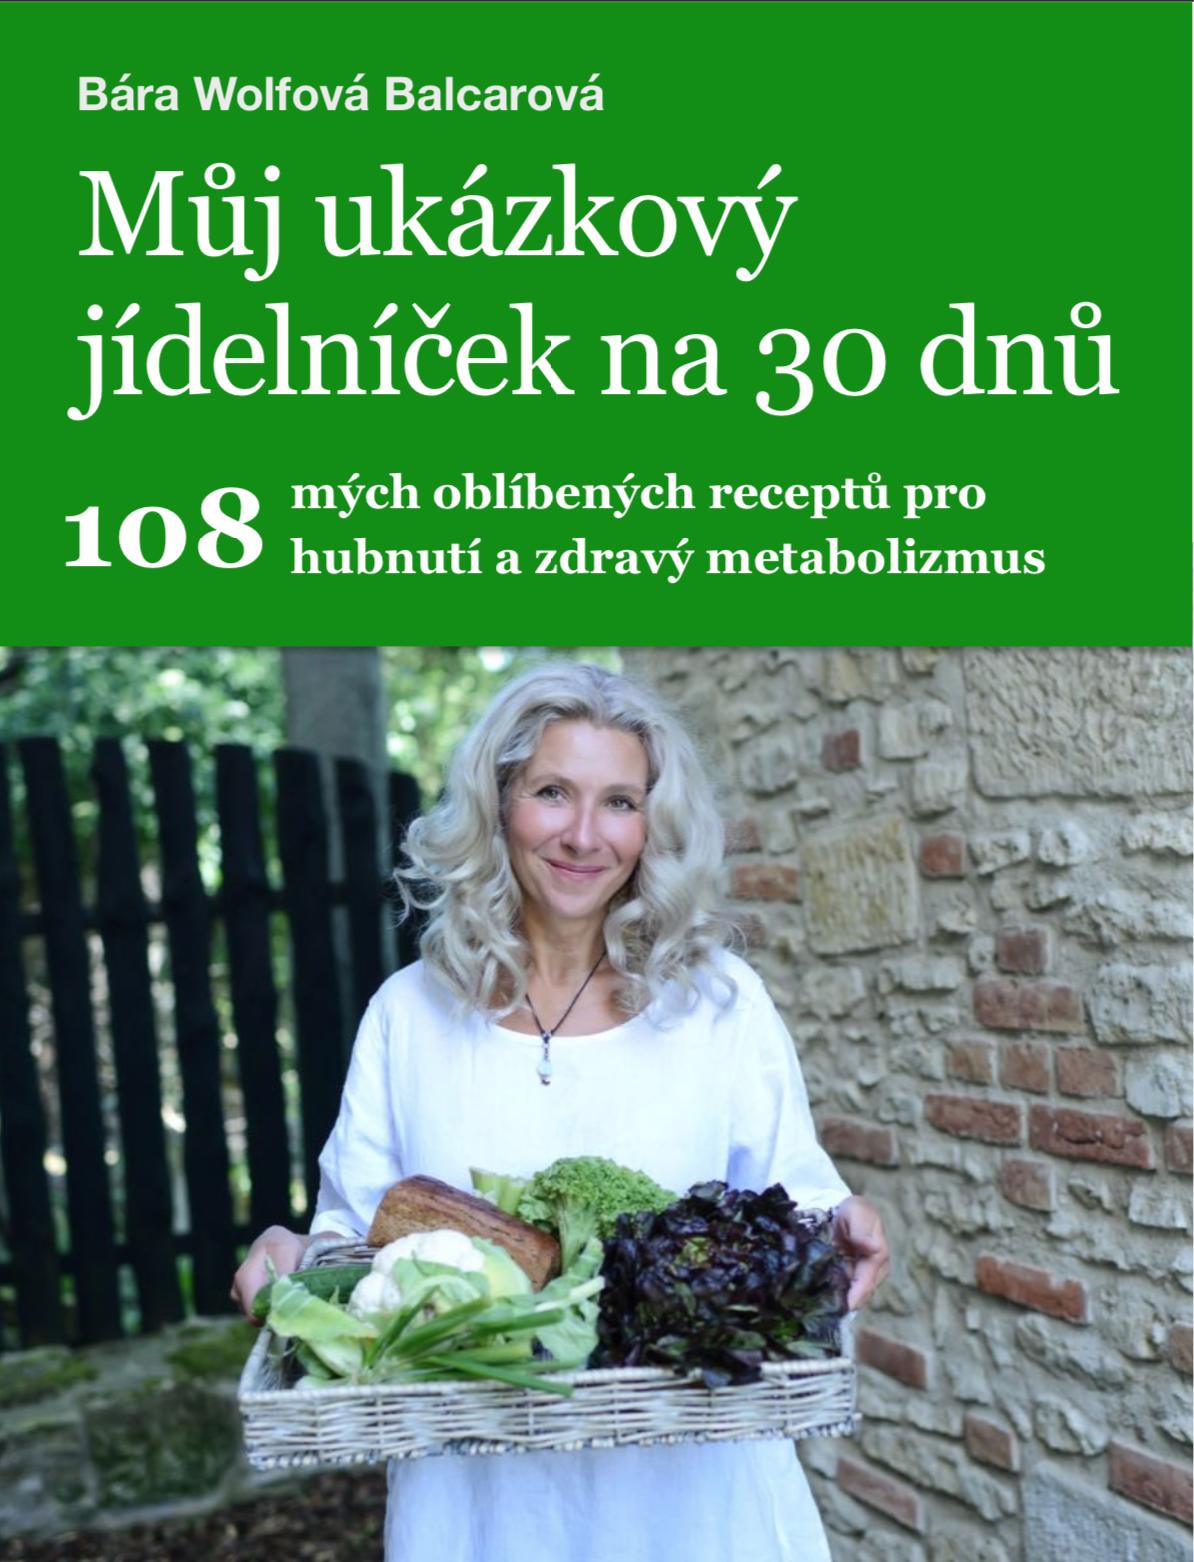 eBook Můj ukázkový jídelníček nahubnutí - 30 dnů, vhodné pro Metabolic Balance